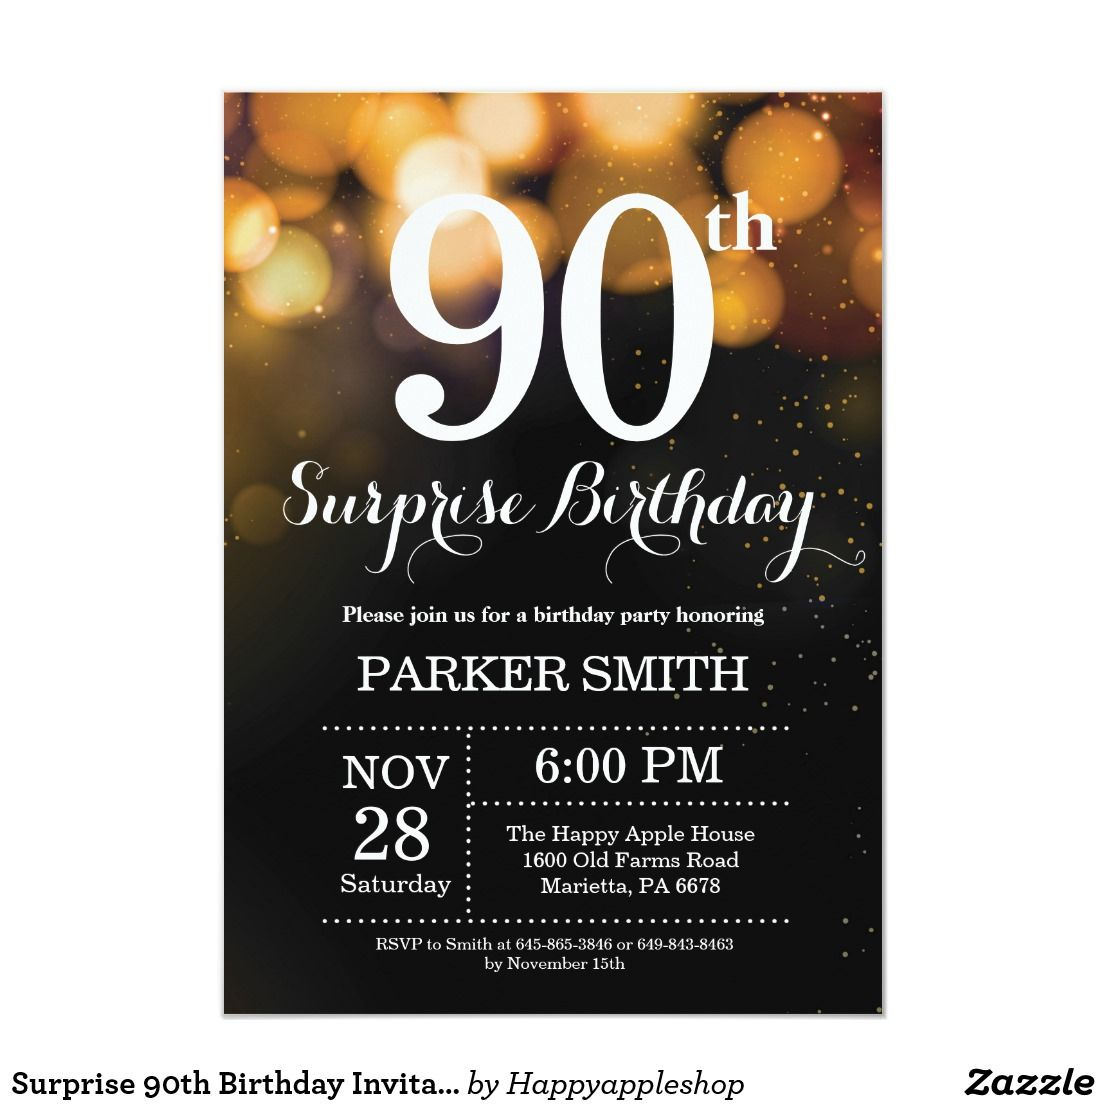 Surprise 90th Birthday Invitation Gold Glitter Zazzle